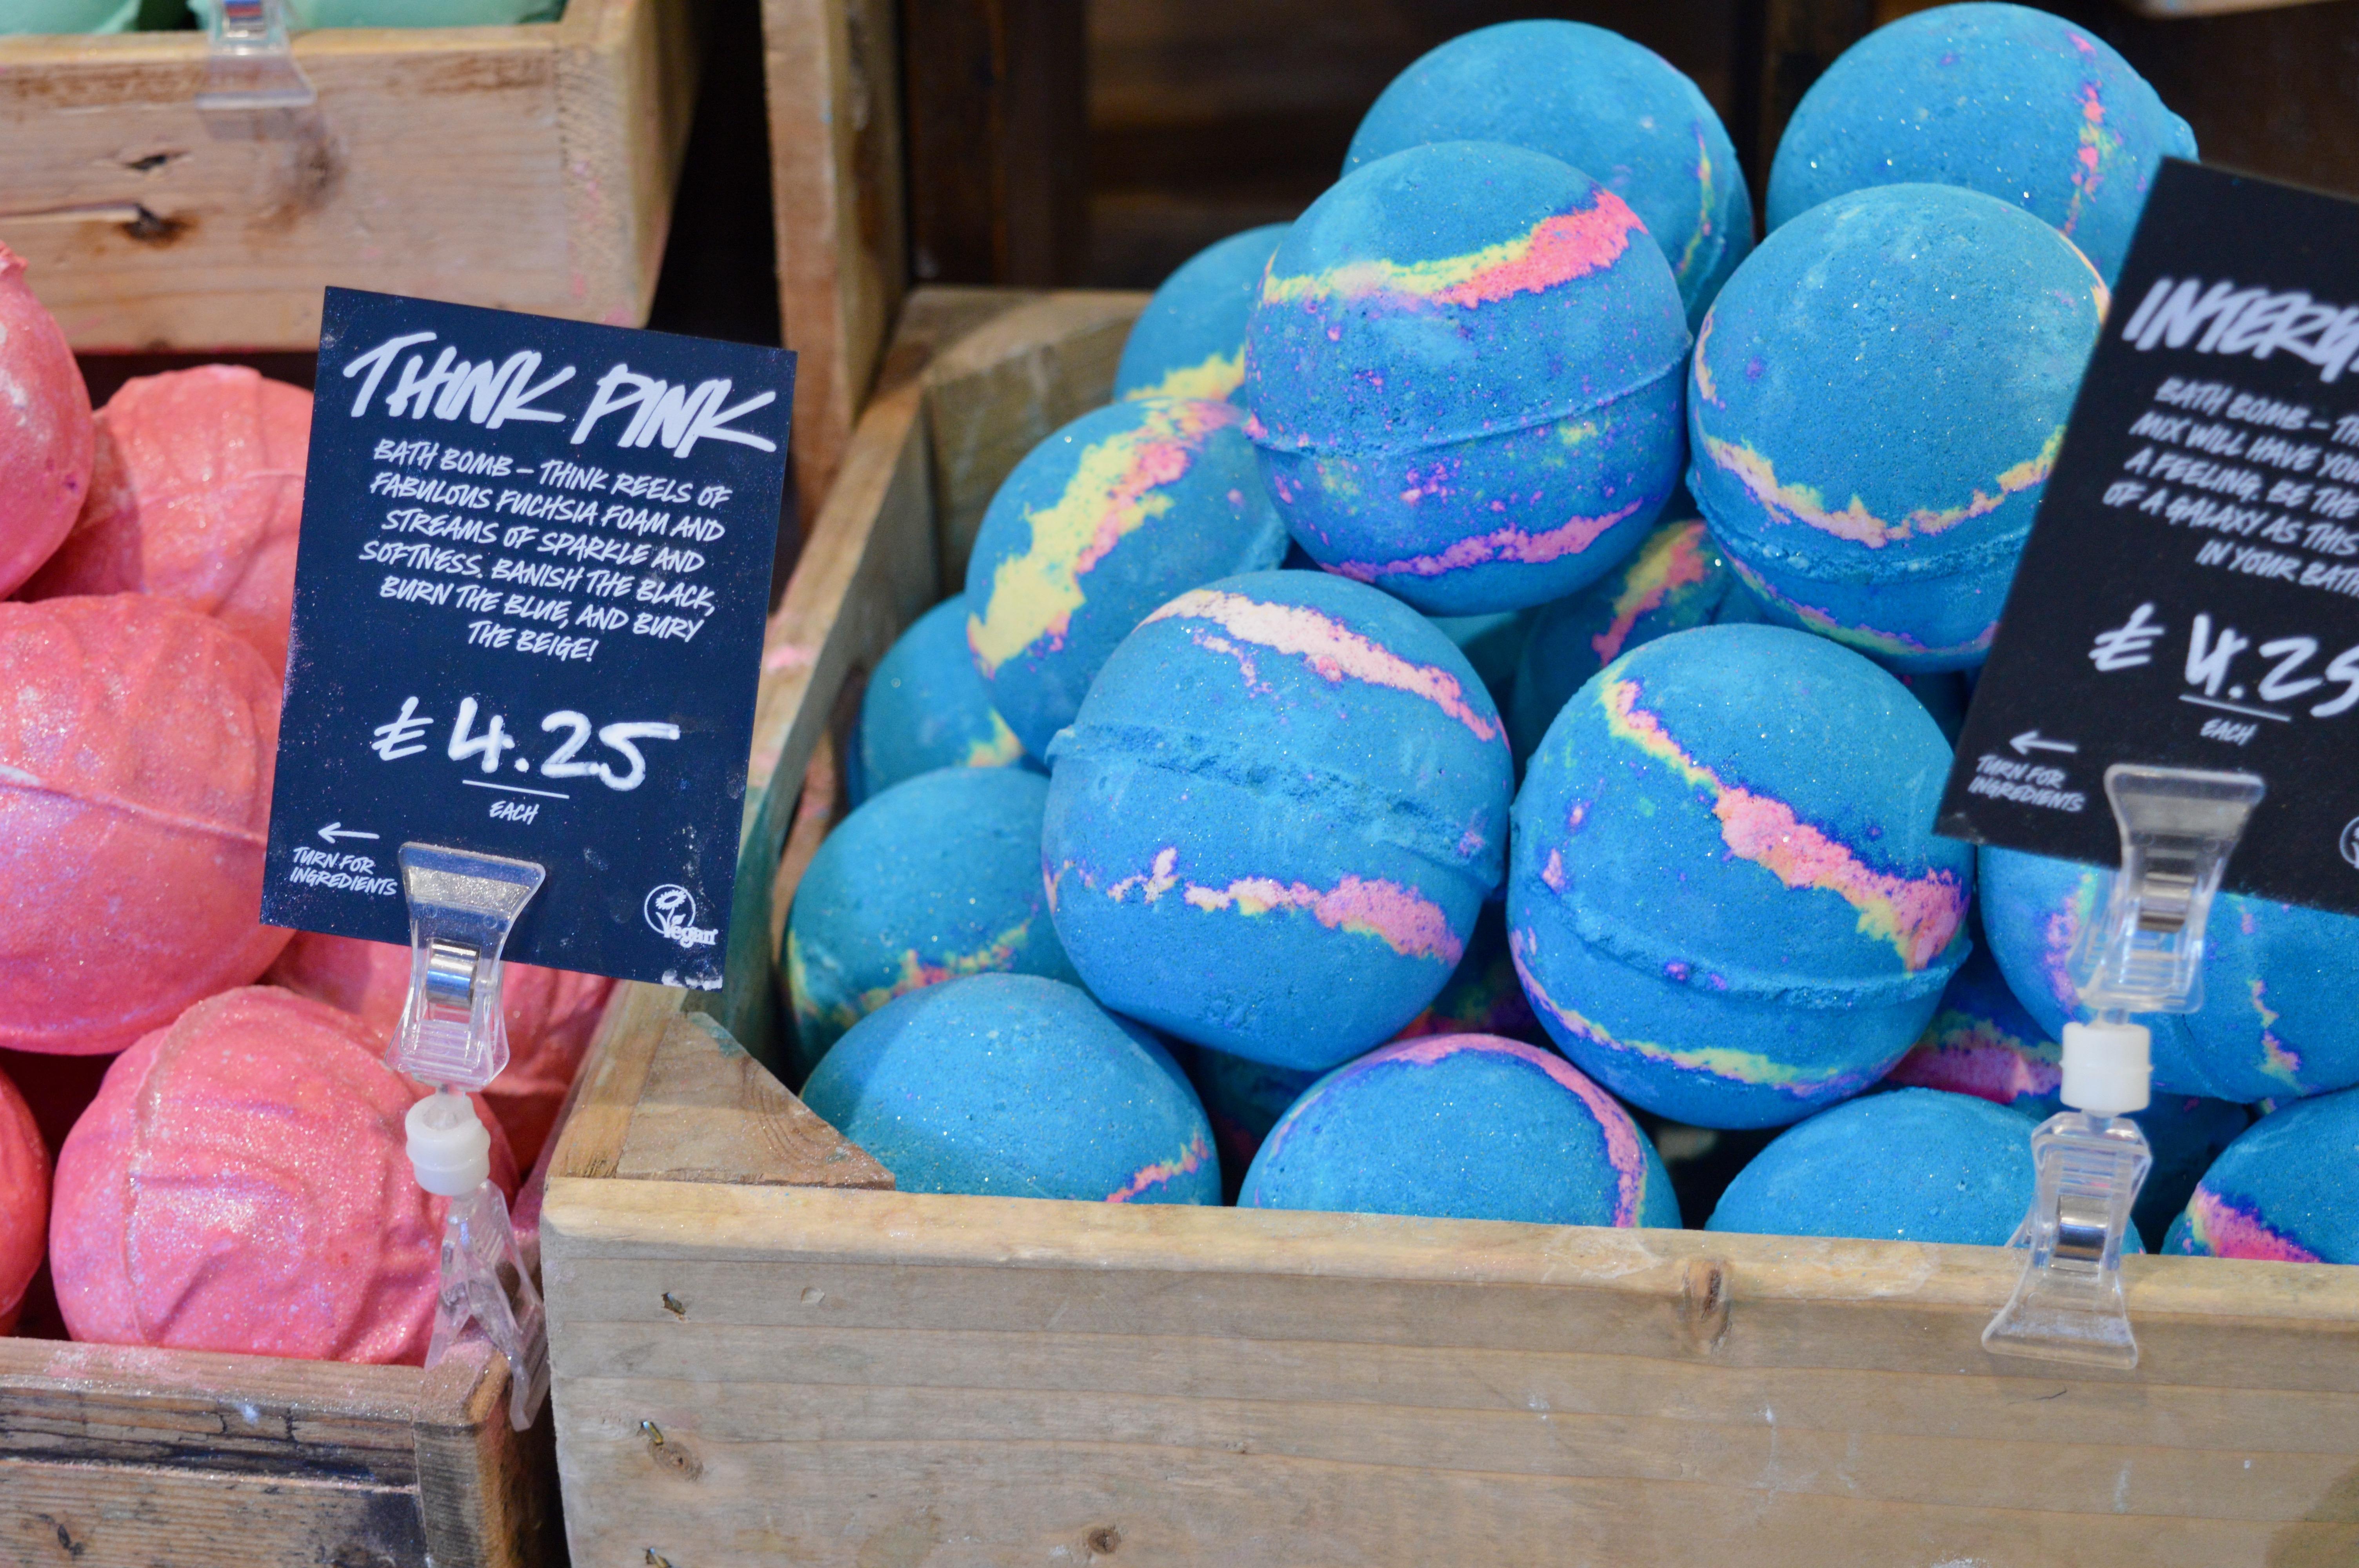 Blue-Bath-Bomb-Lush-Carlisle-New-Product-Launch-Elle-Blonde-Luxury-Lifestyle-Blog